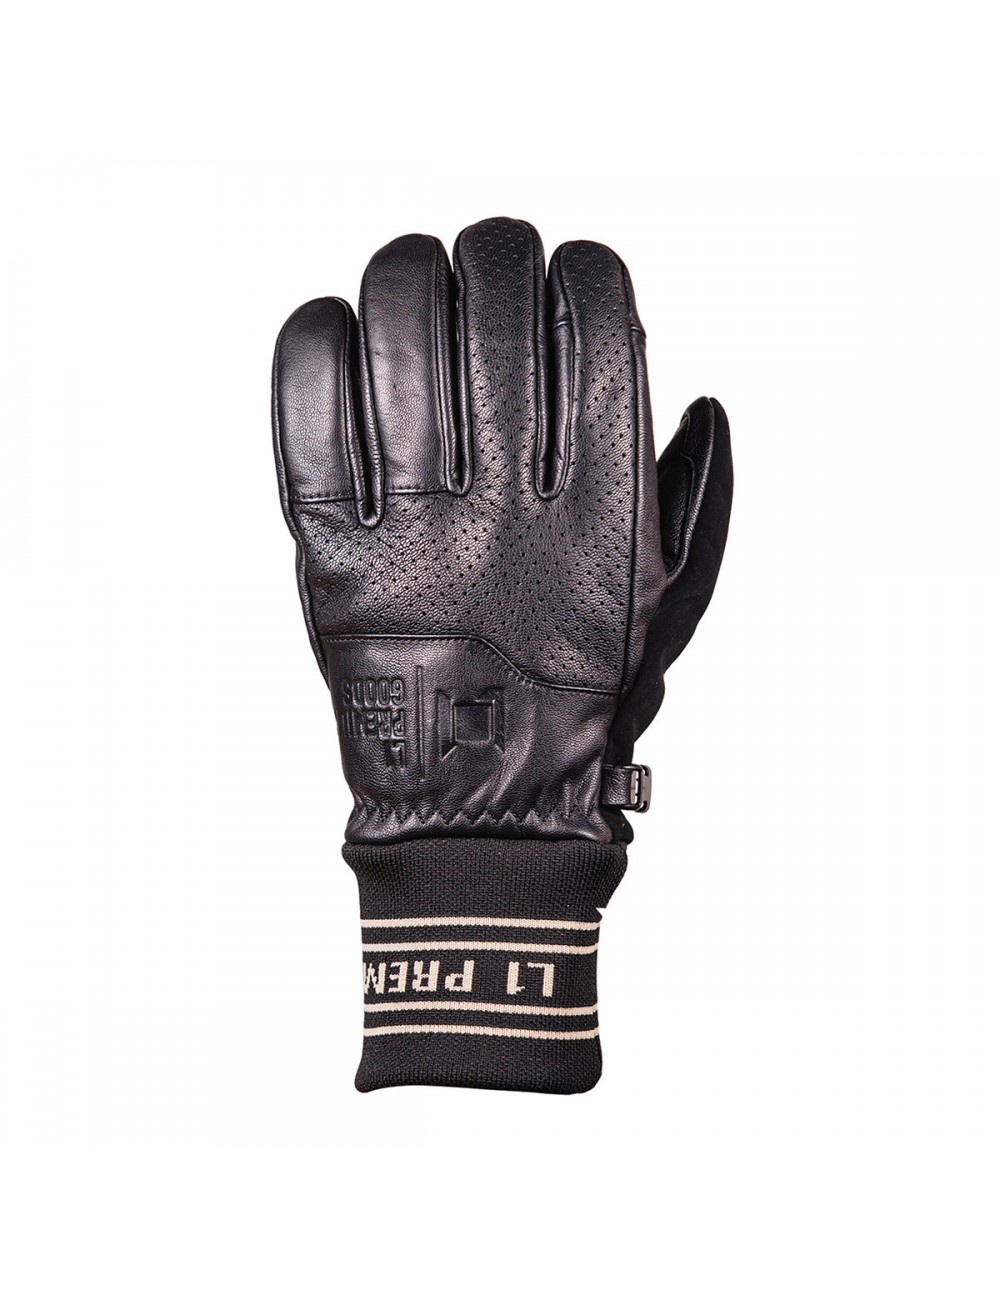 L1 Sabbra Glove - Black_13971